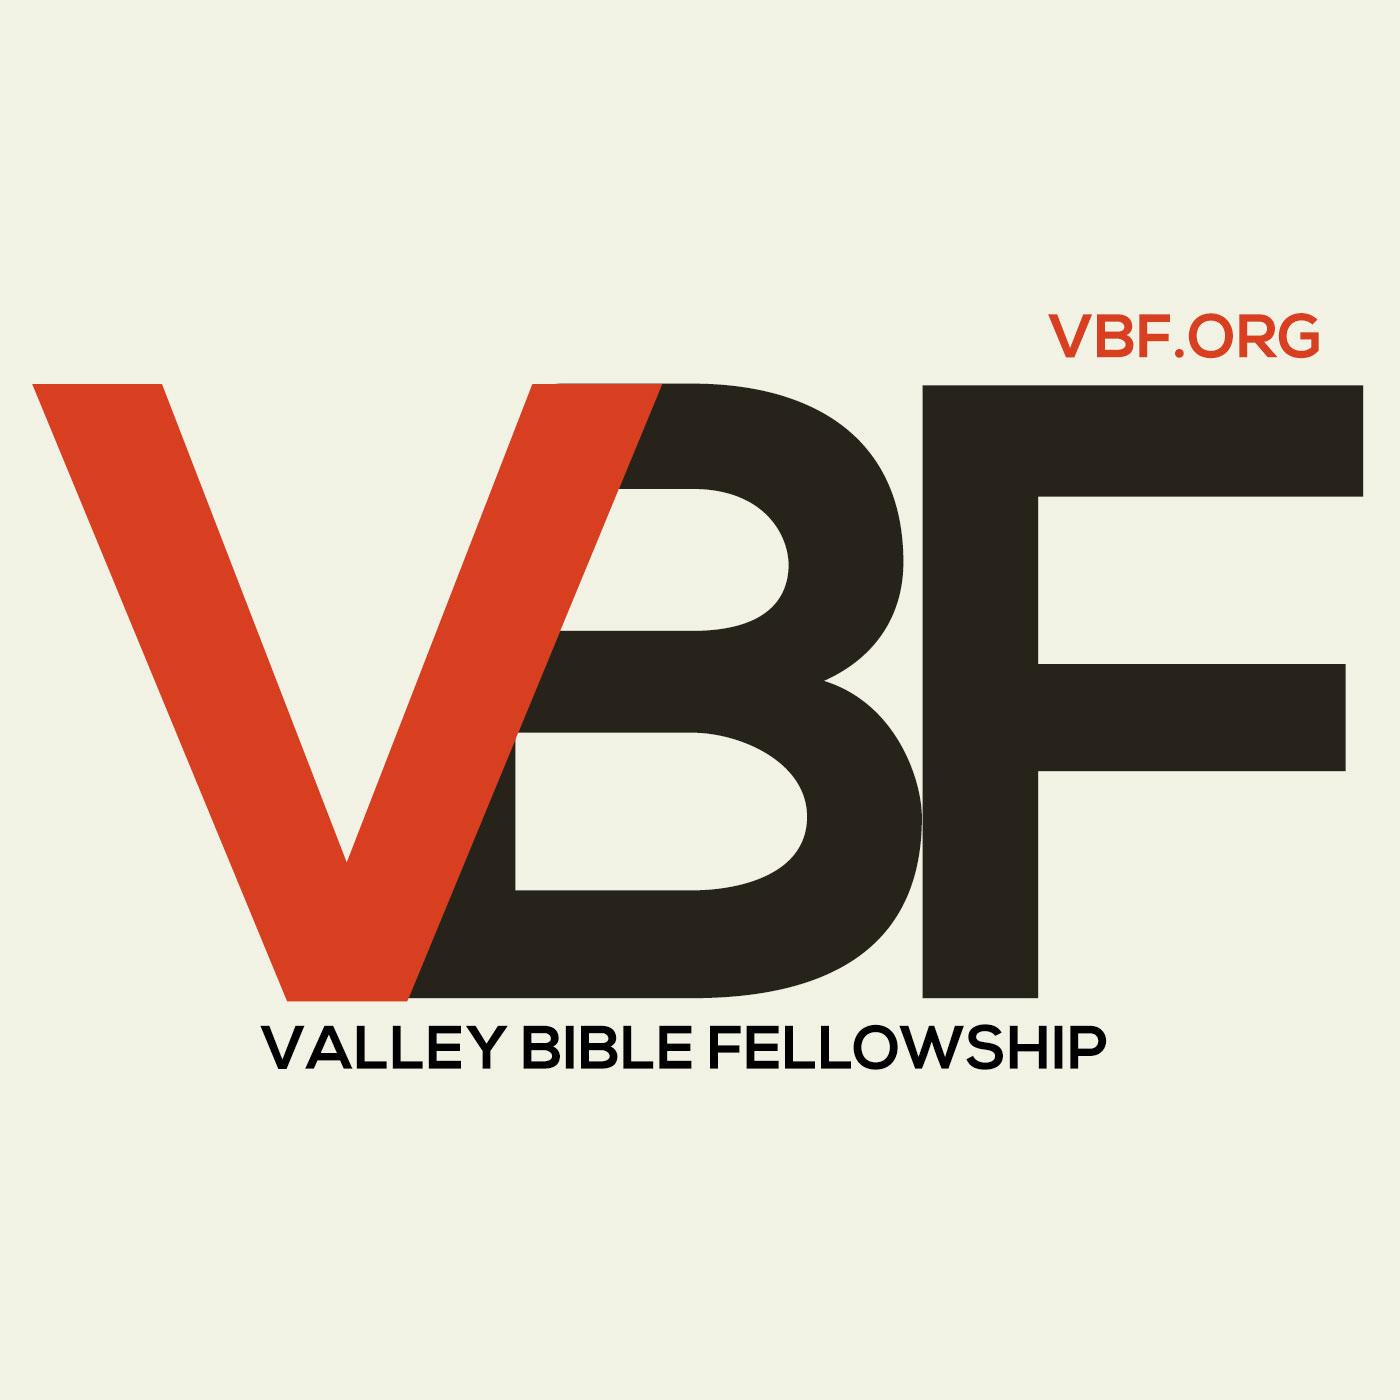 Valley Bible Fellowship